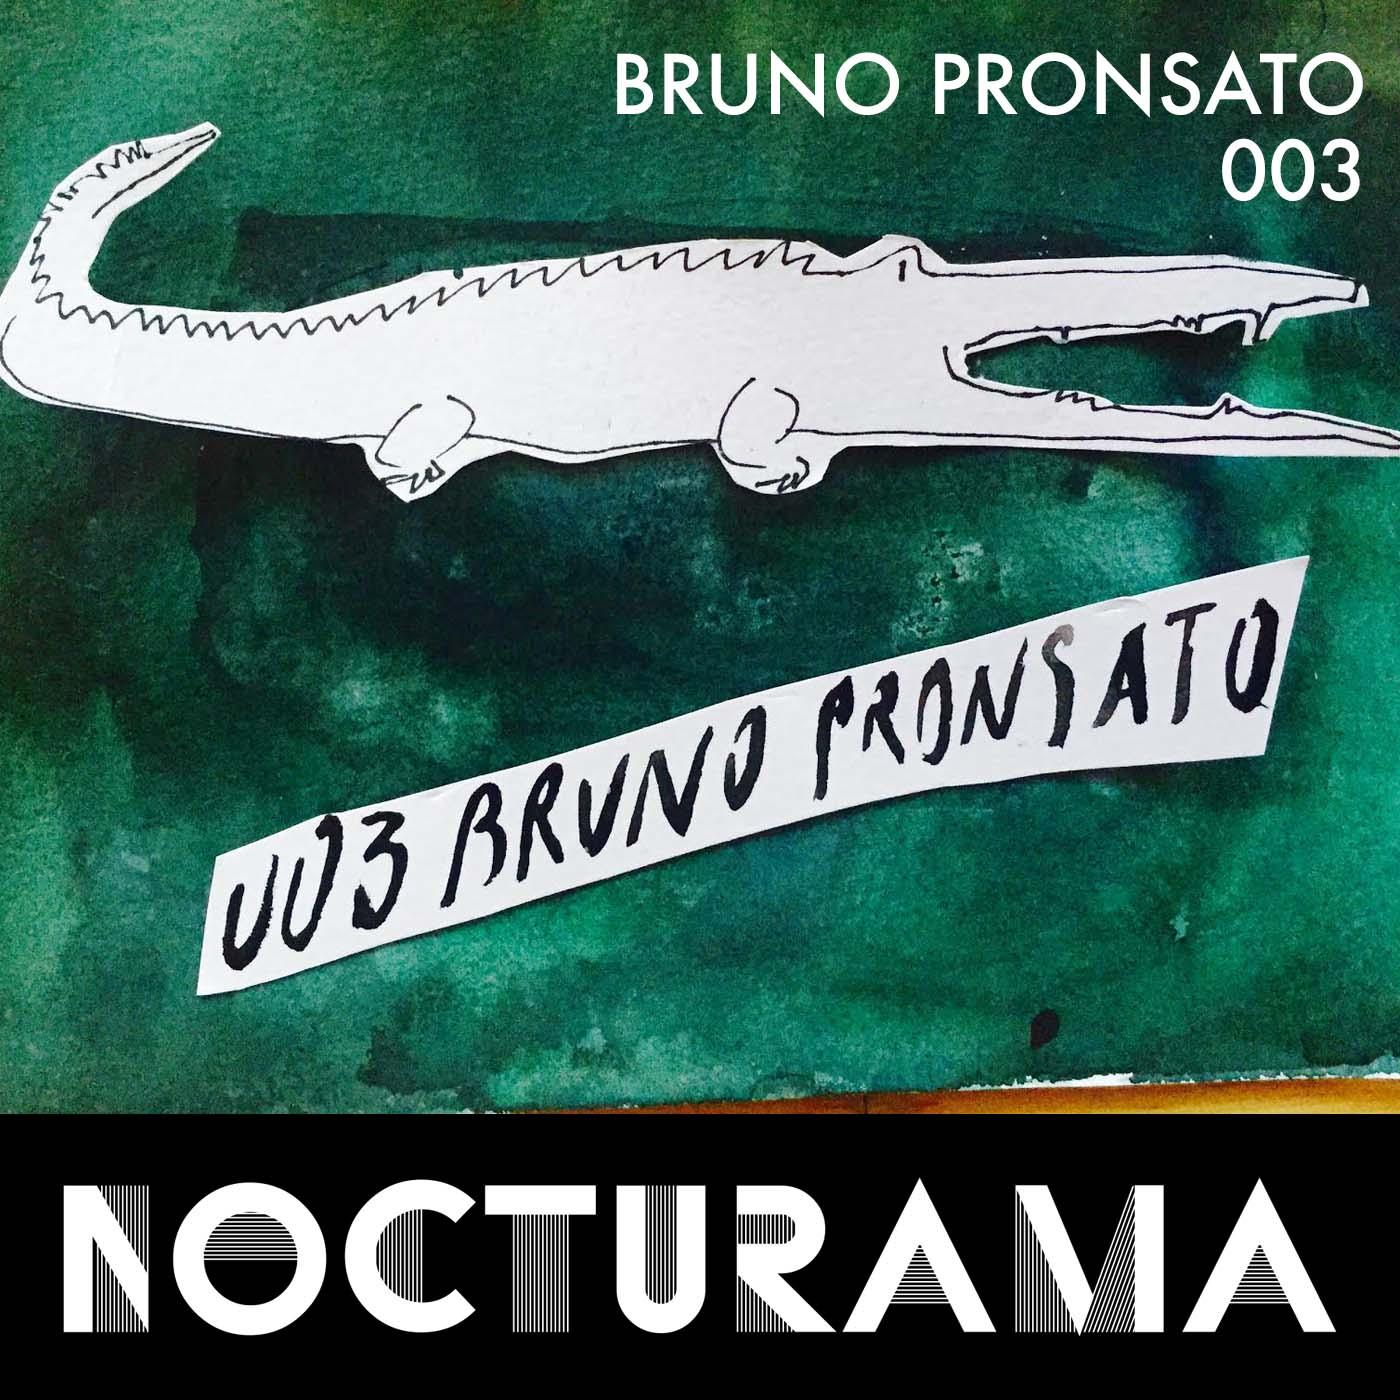 http://geist-agency.com/news-description/Bruno-Pronsato-NOCTURAMA-003